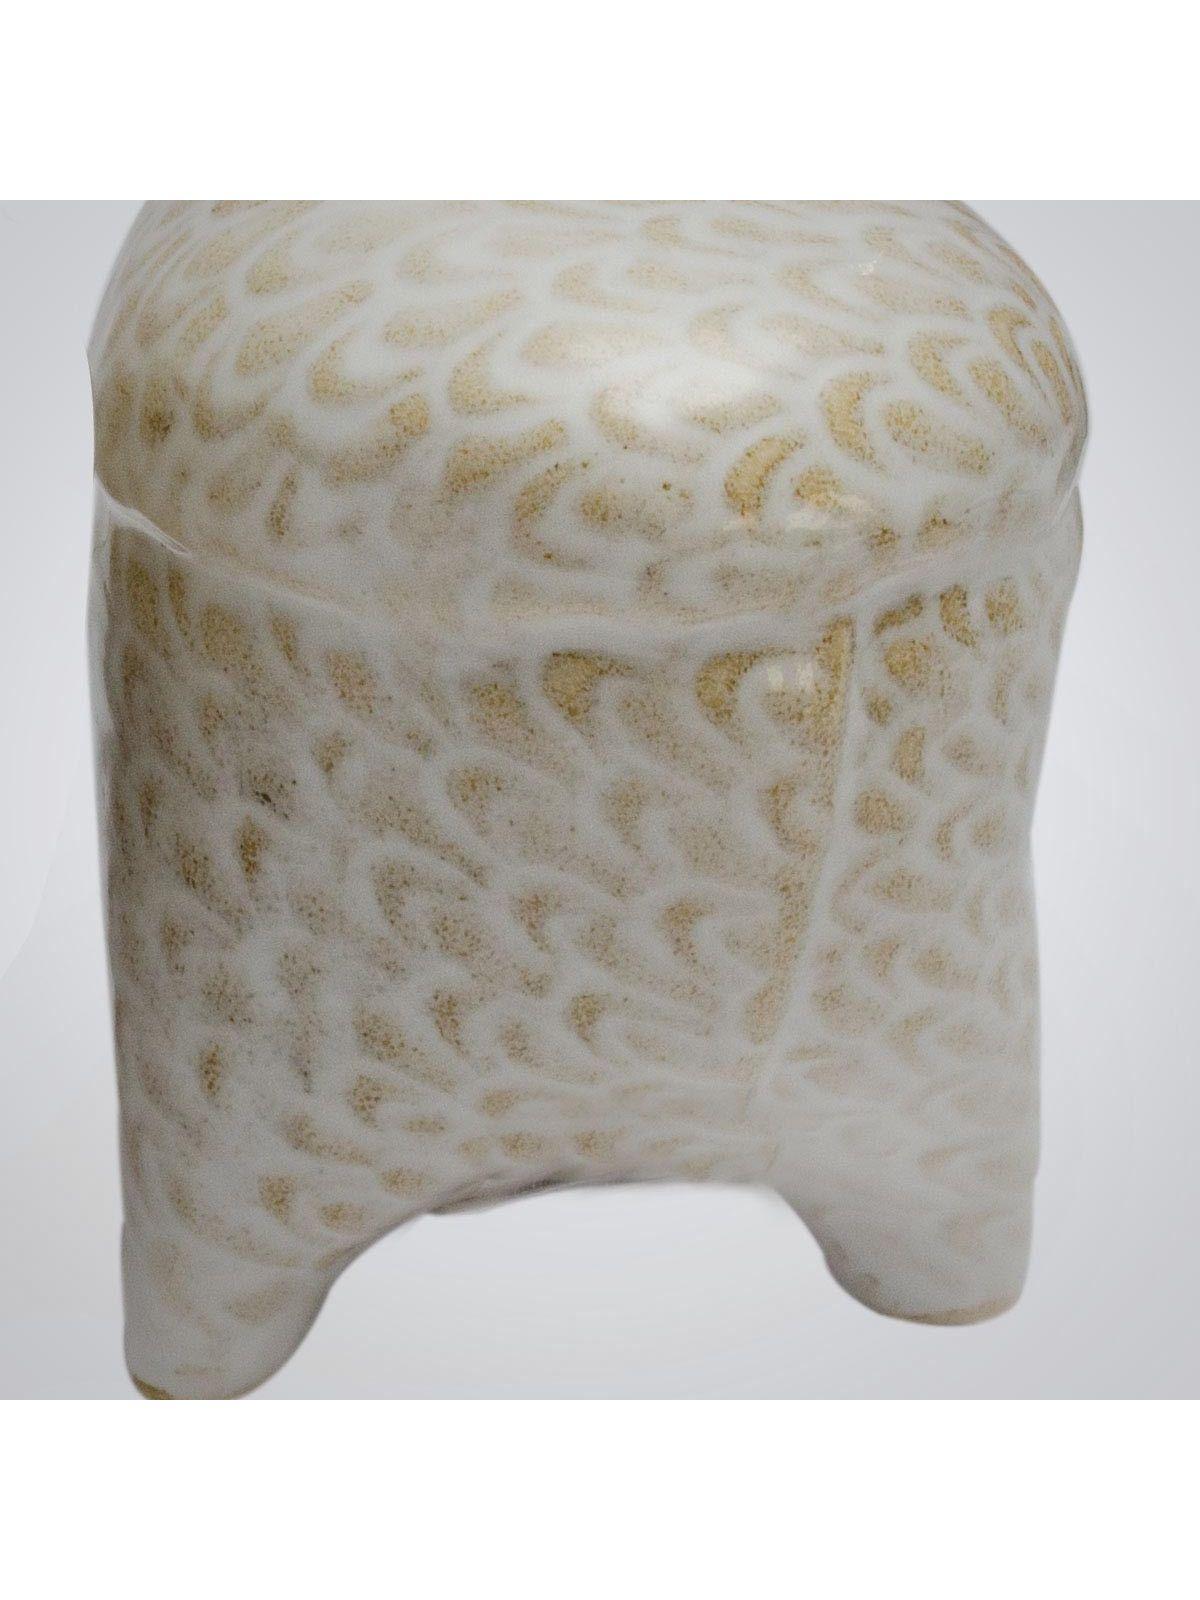 Off White Ceramic Salt & Pepper Holder - 1pc